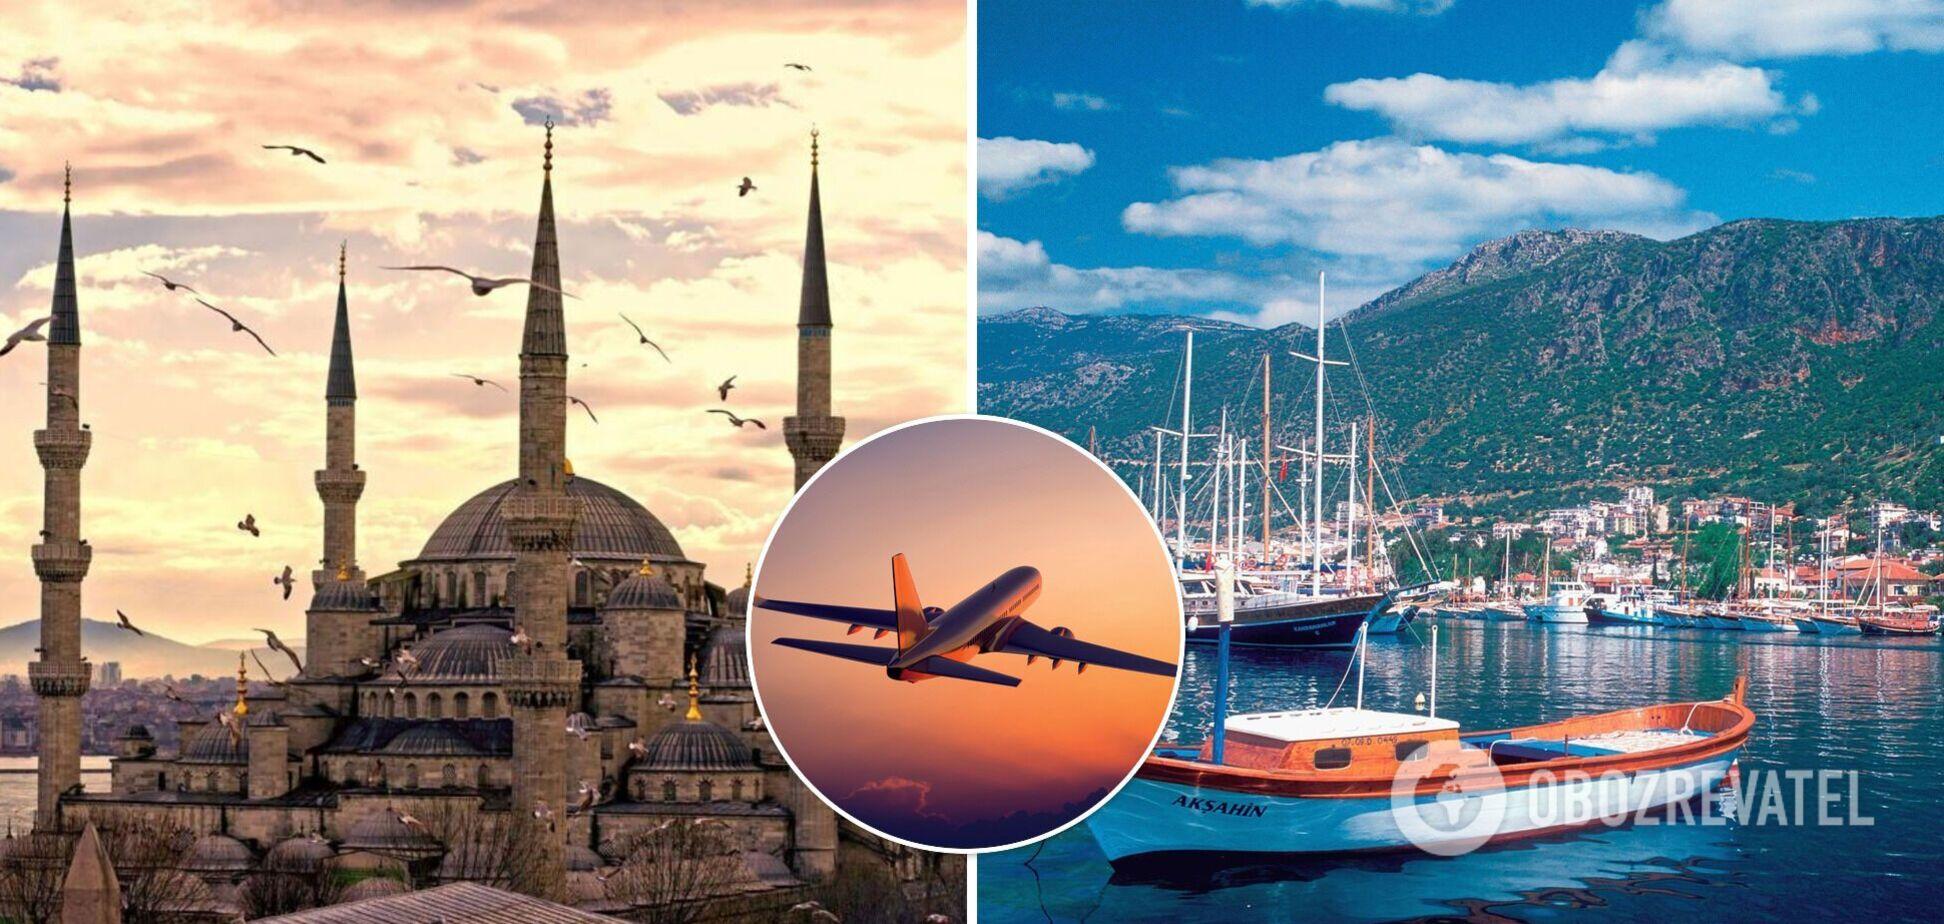 Топ-курорты в Турции: сравнение цен на отдых, питание и отели. Интервью с турагентом